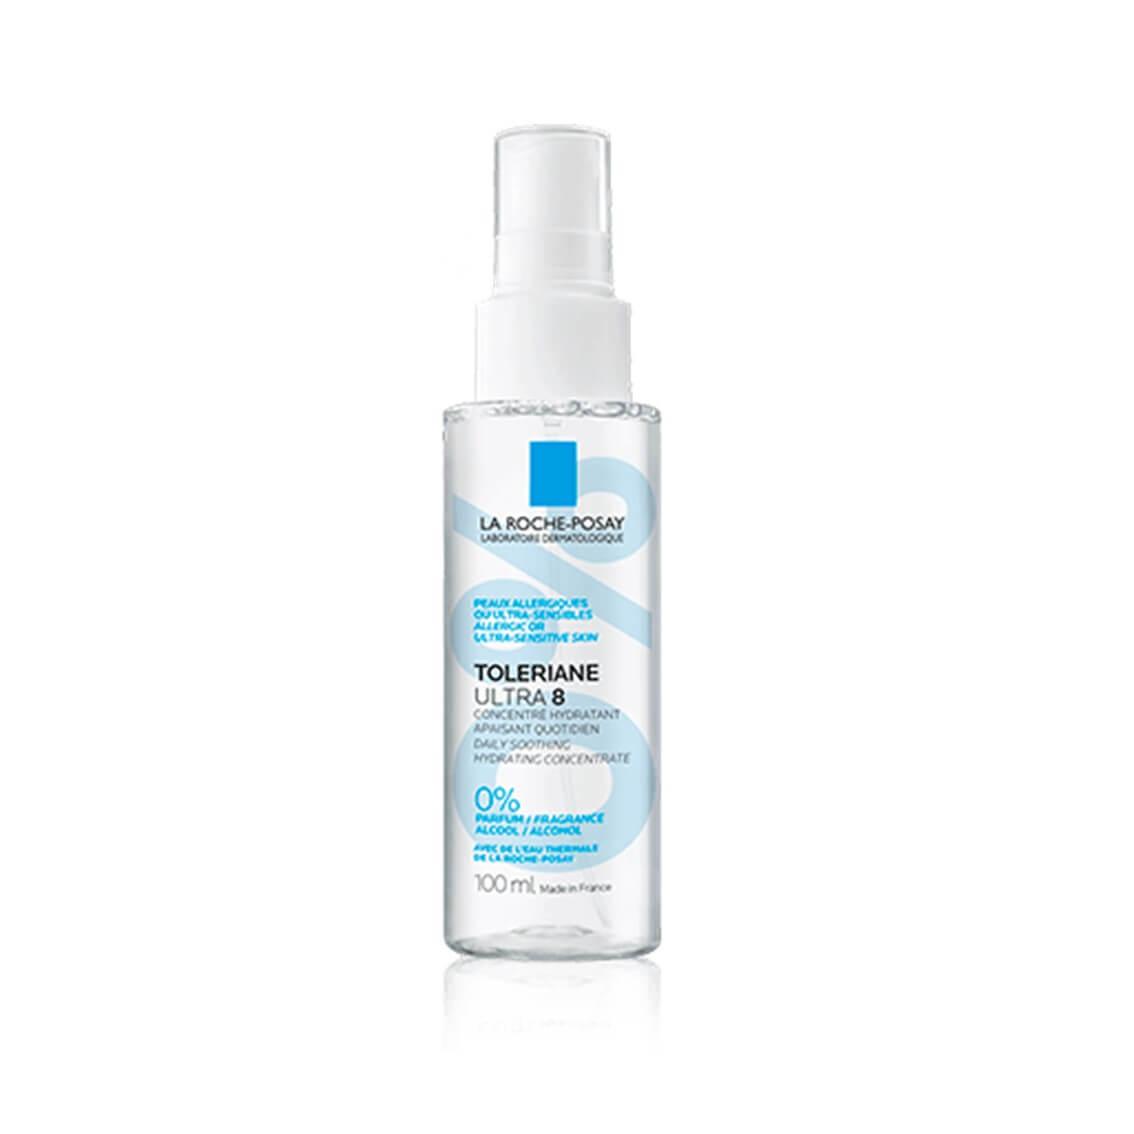 Toleriane Ultra 8 hidratante calmante 100 ml